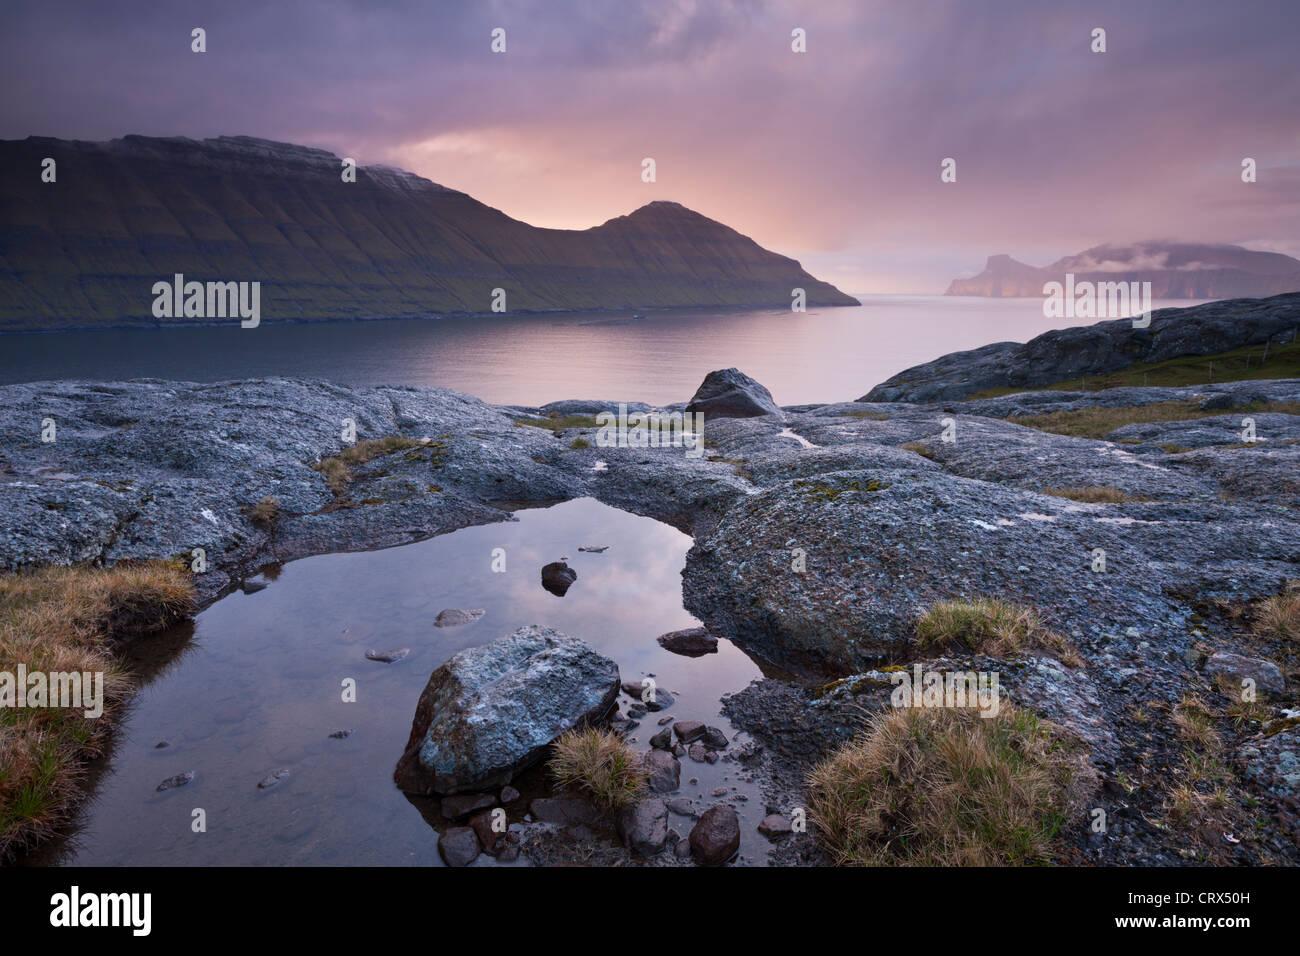 Coucher de soleil sur Funningsfjordur et l'île de Kalsoy. Eysturoy, Îles Féroé. Printemps Photo Stock